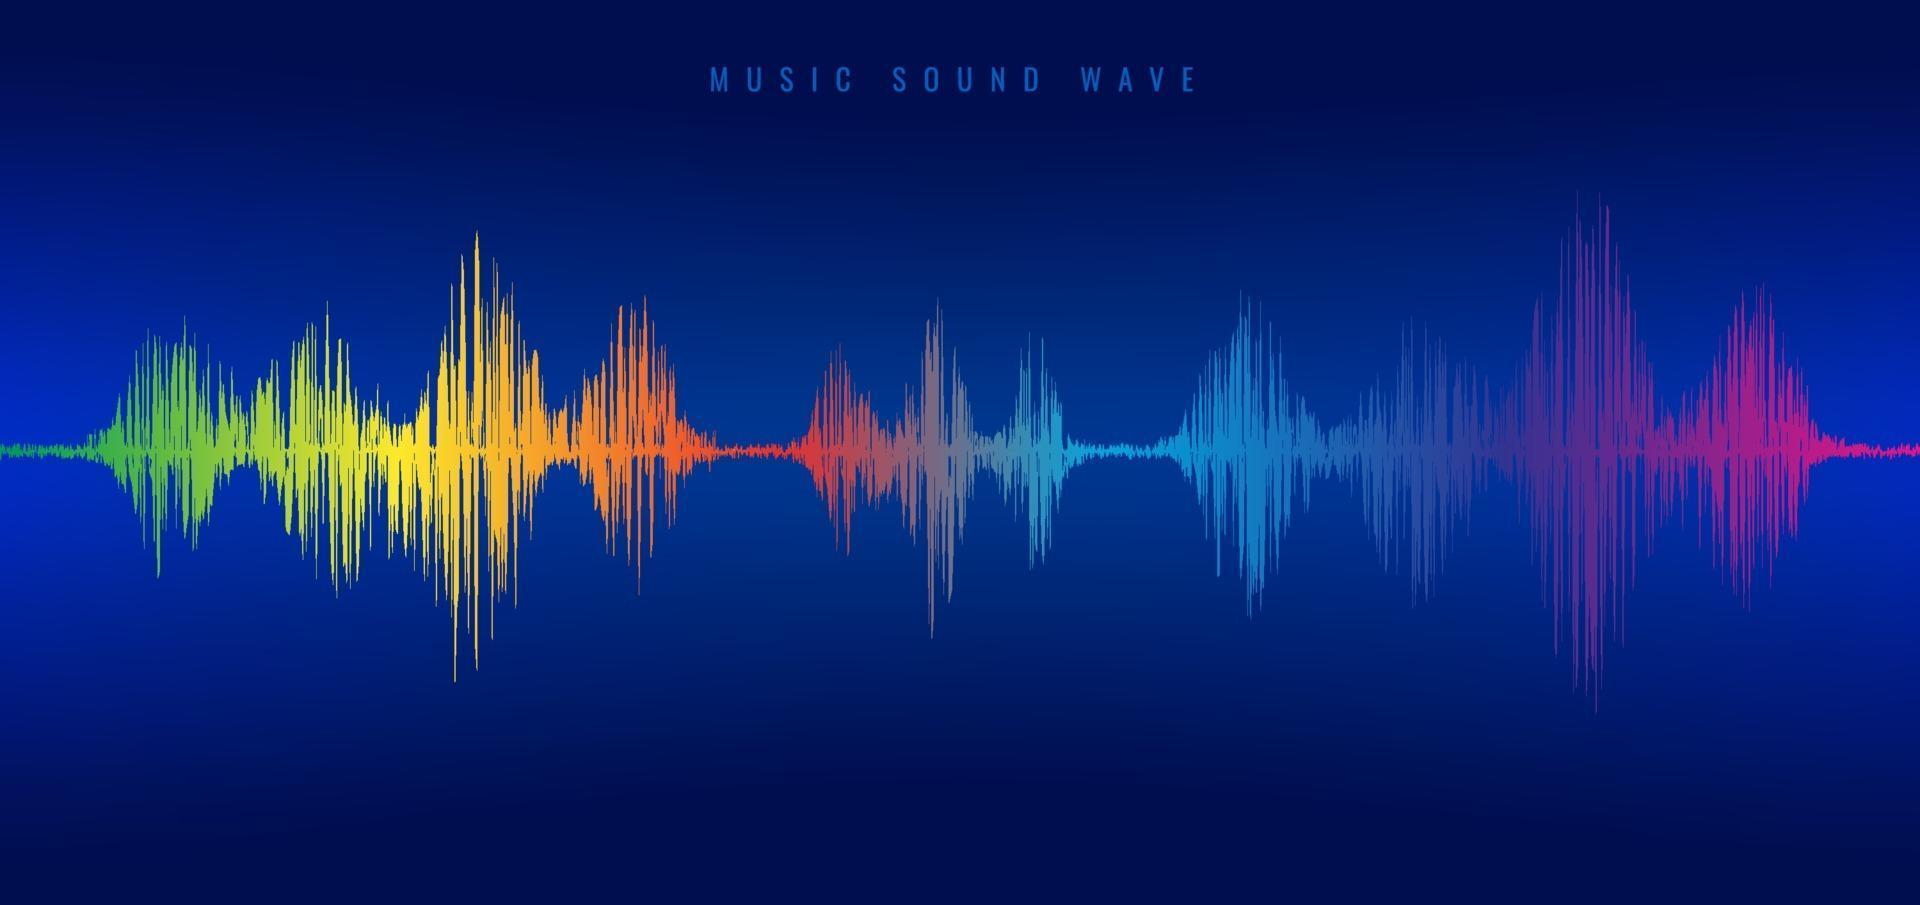 Ecualizador de línea de onda de sonido de música de arco iris sobre fondo azul. vector